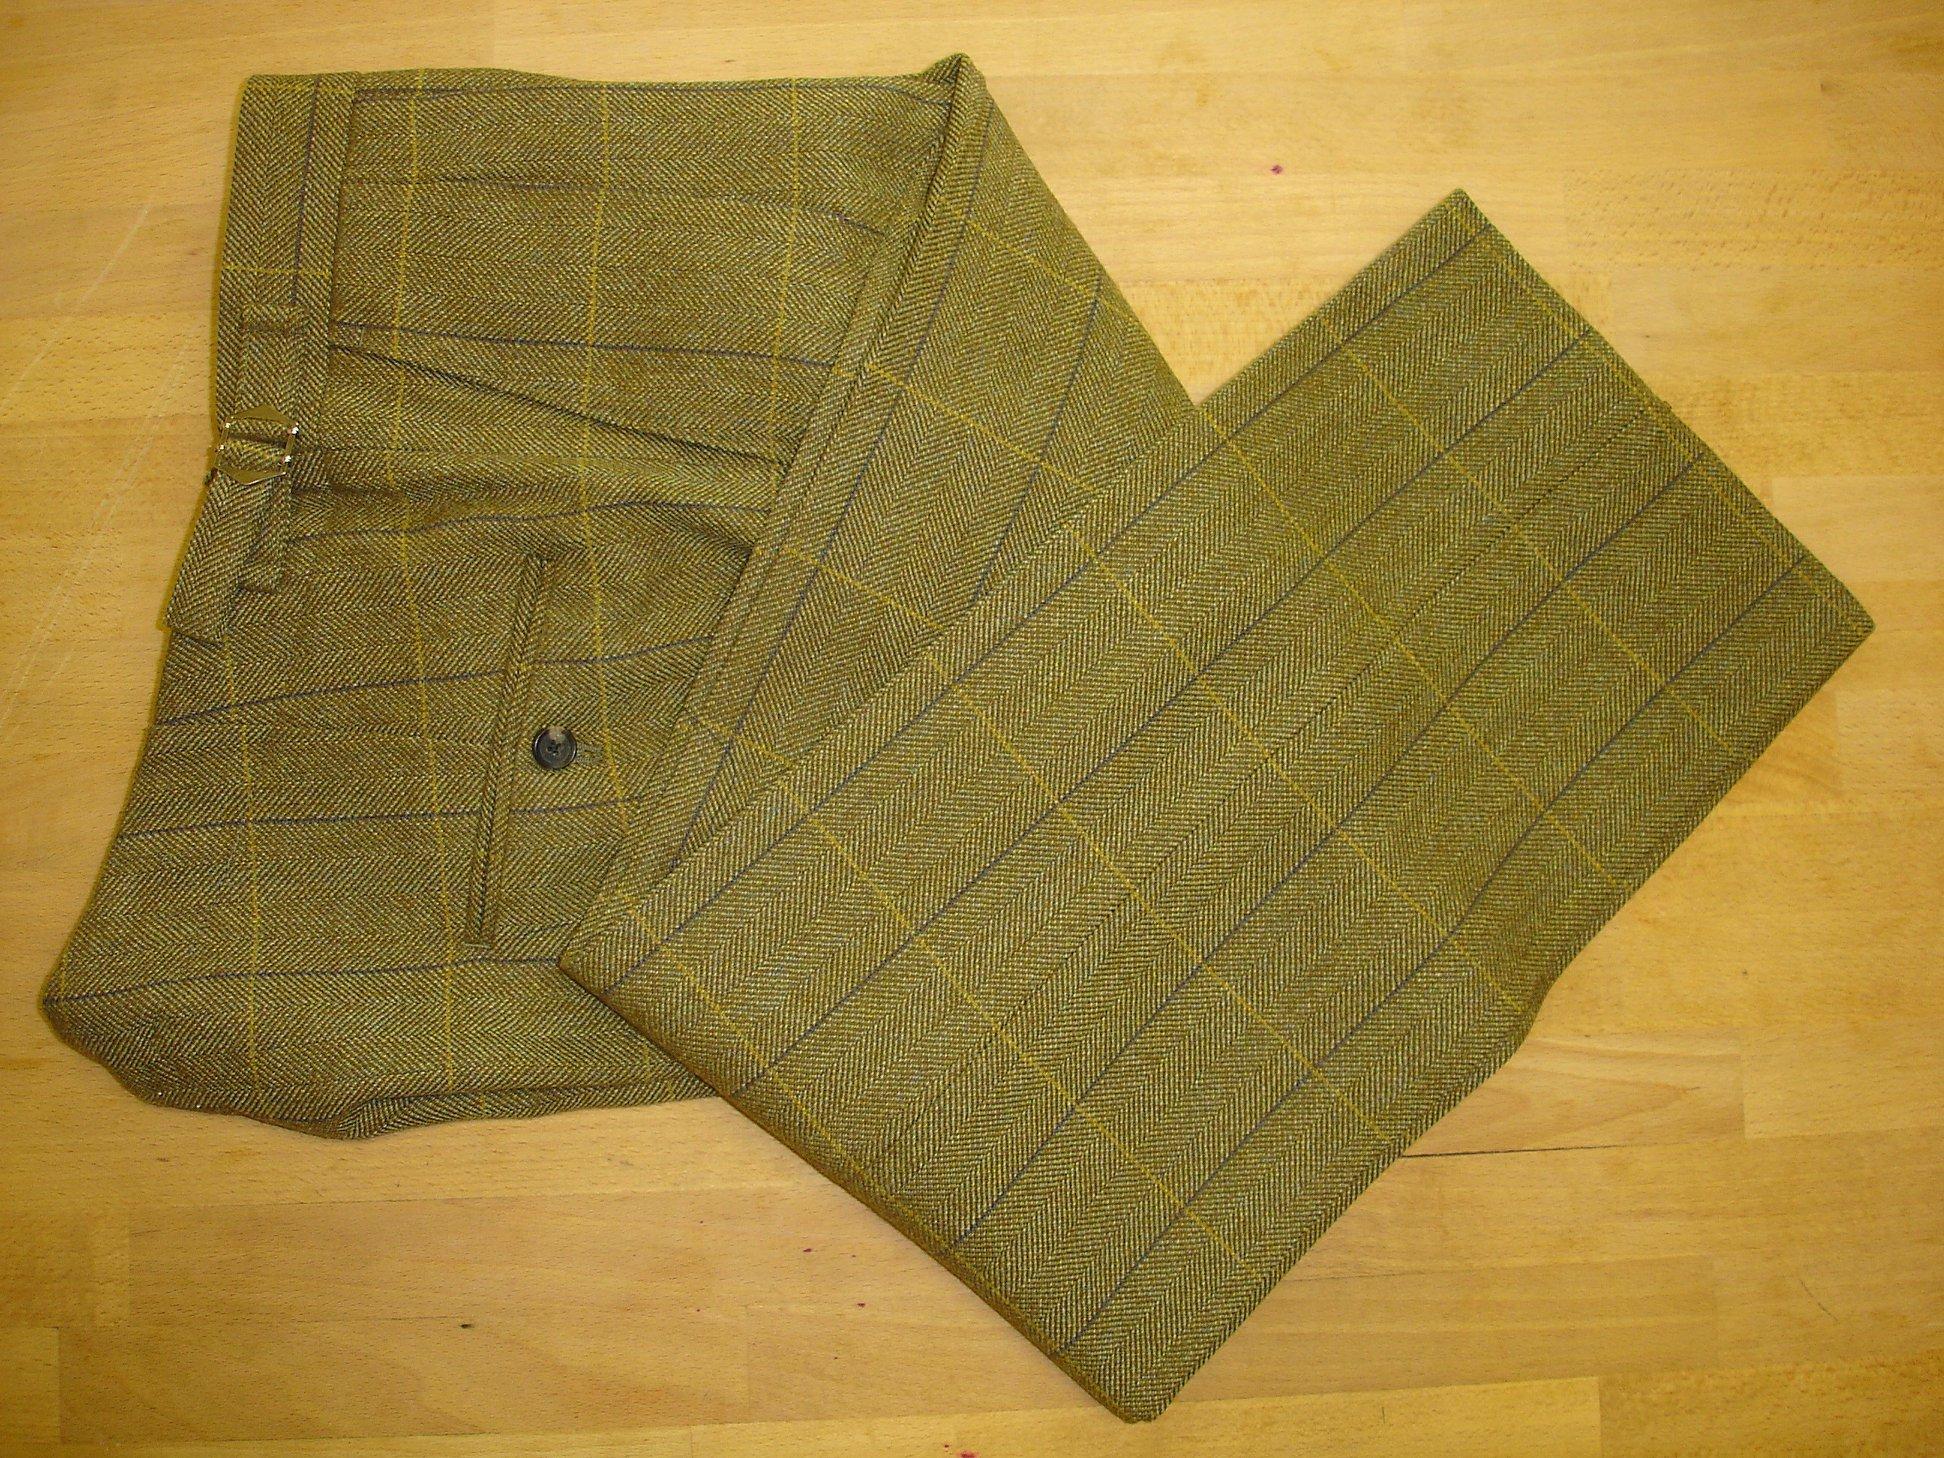 Porter & Harding Hartwist Tweed Suit (13).jpg